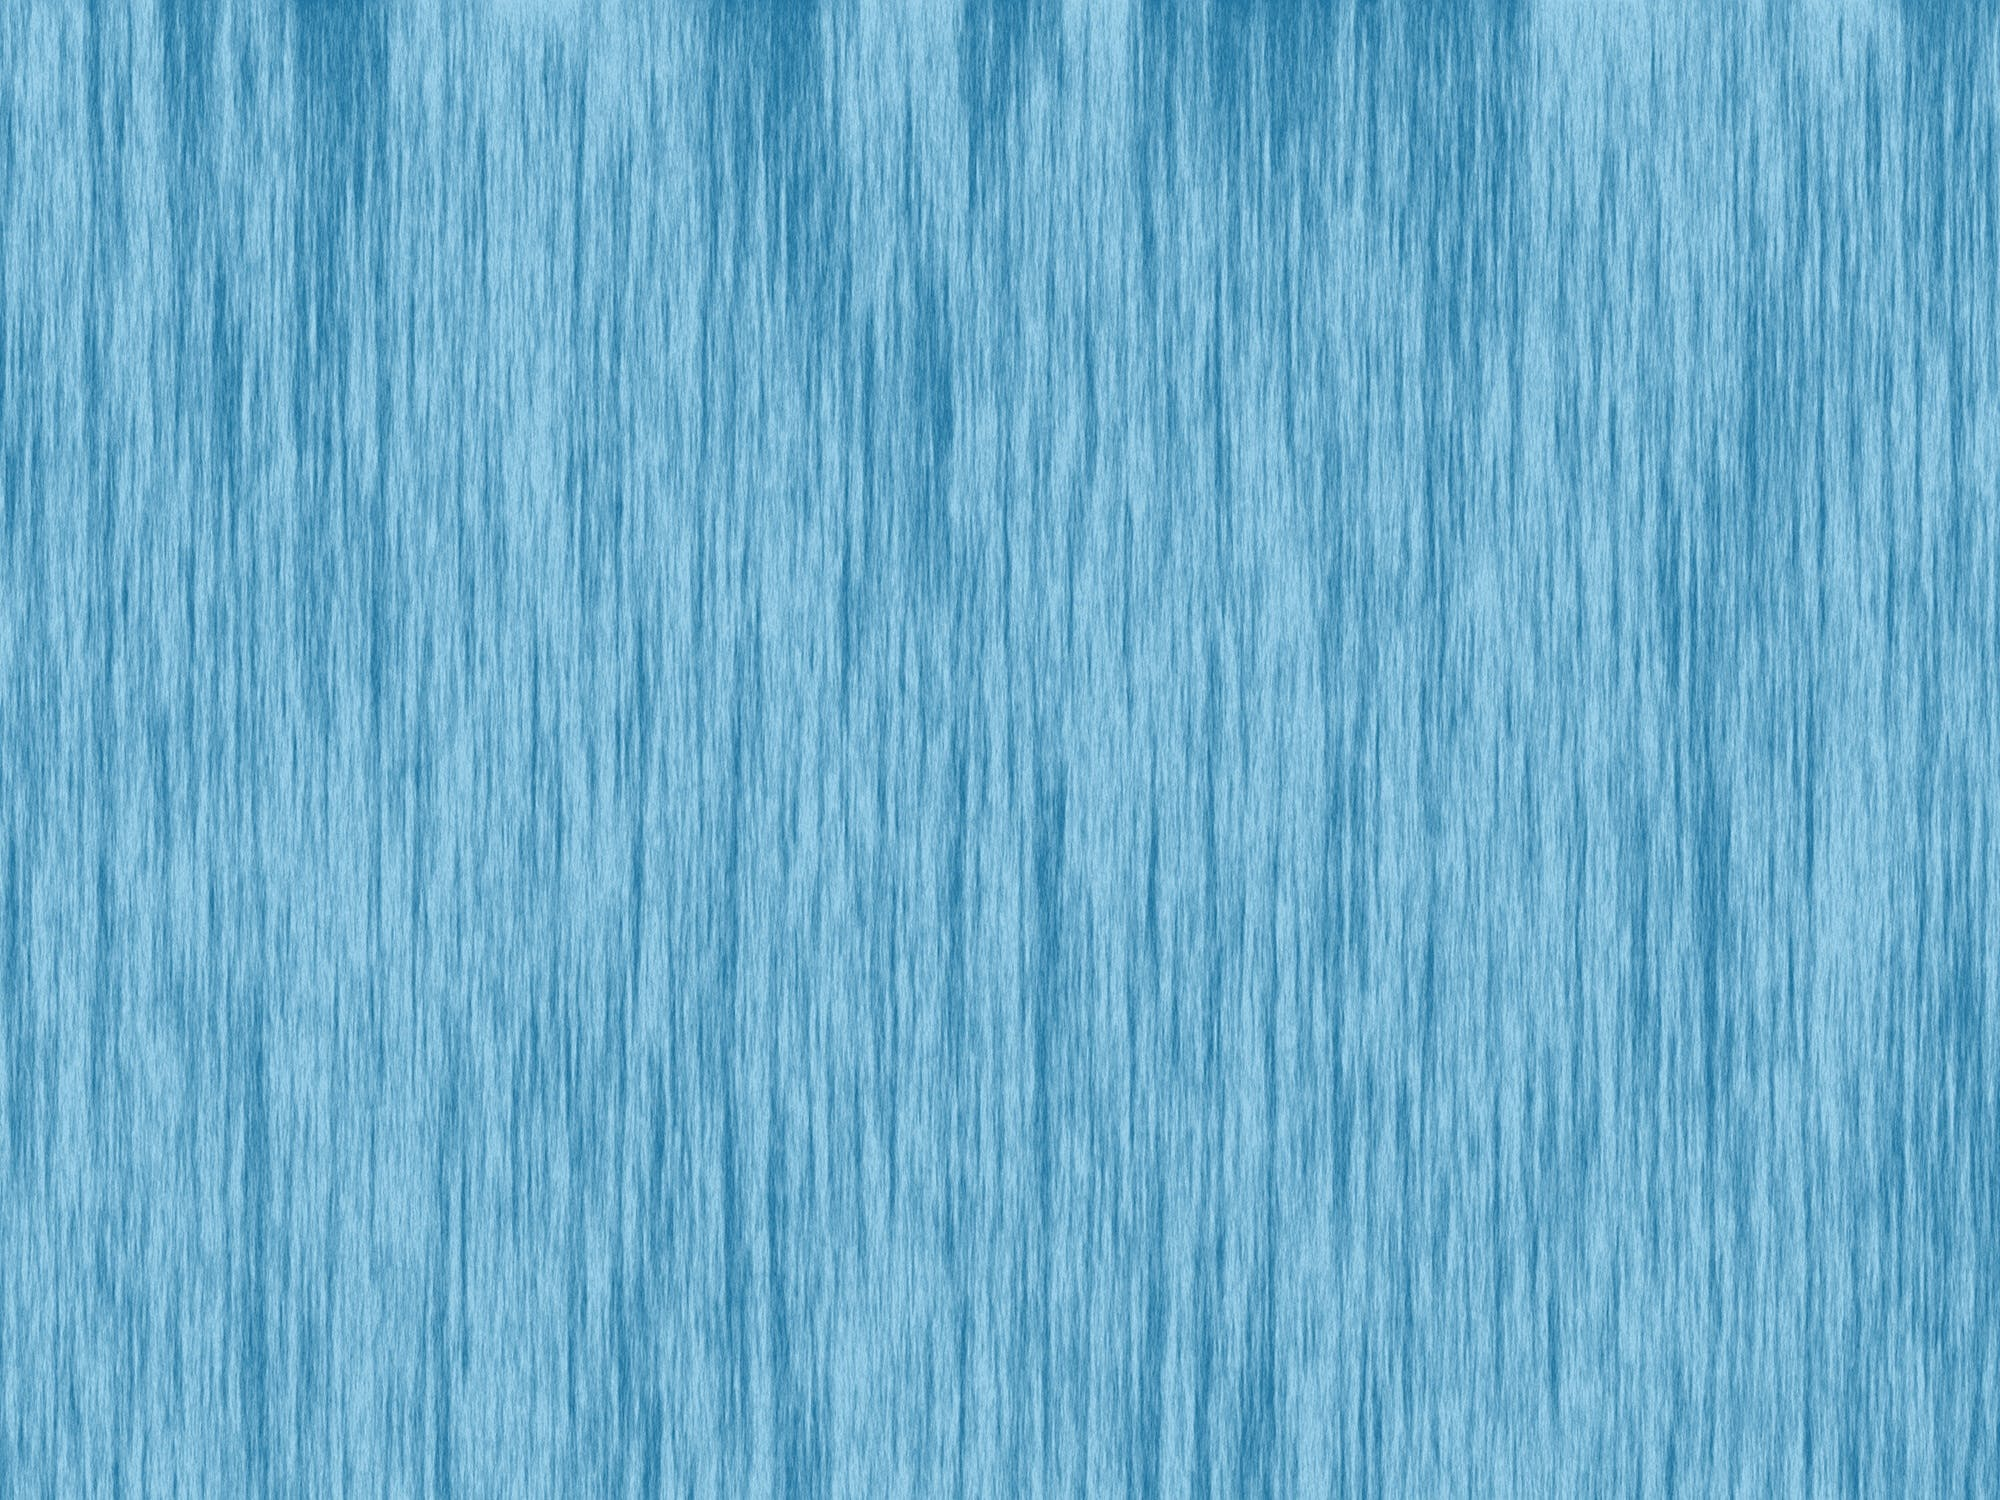 HD wallpaper of art, blue, pattern, texture